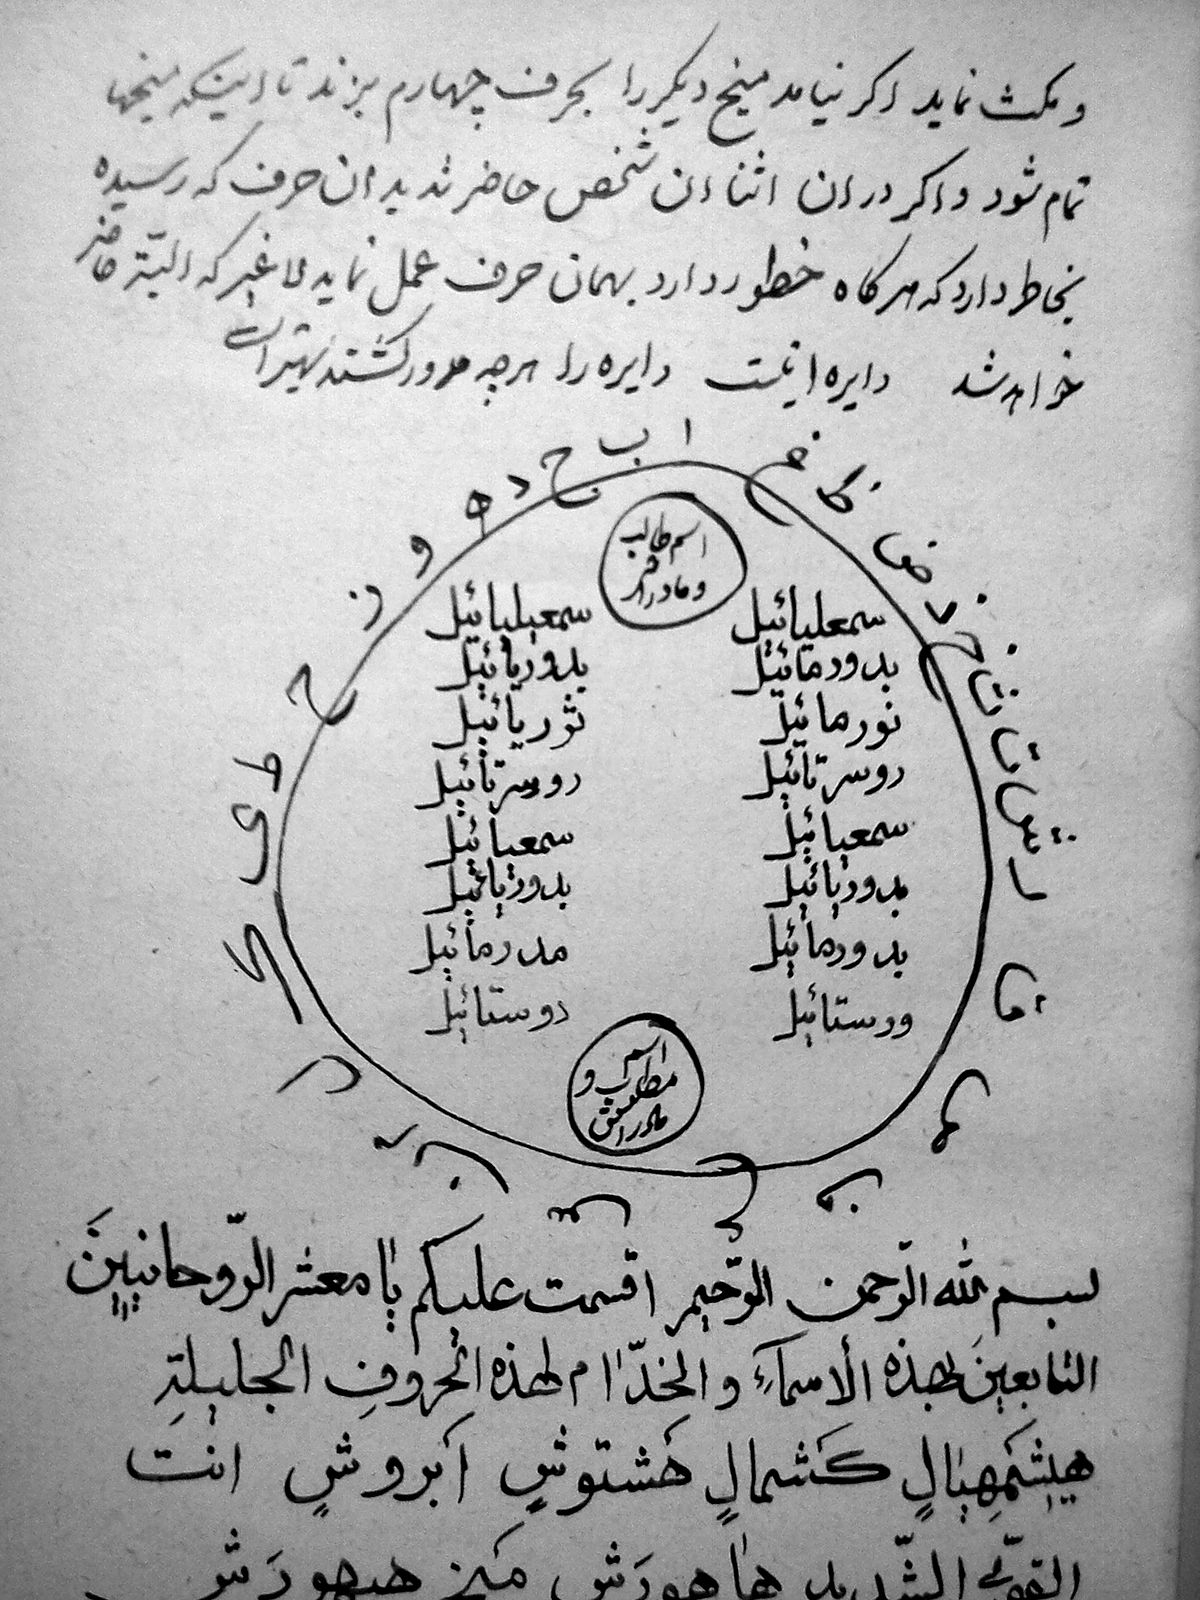 دعا برای سرد شدن از شخصی طلسم - ویکیپدیا، دانشنامهٔ آزاد